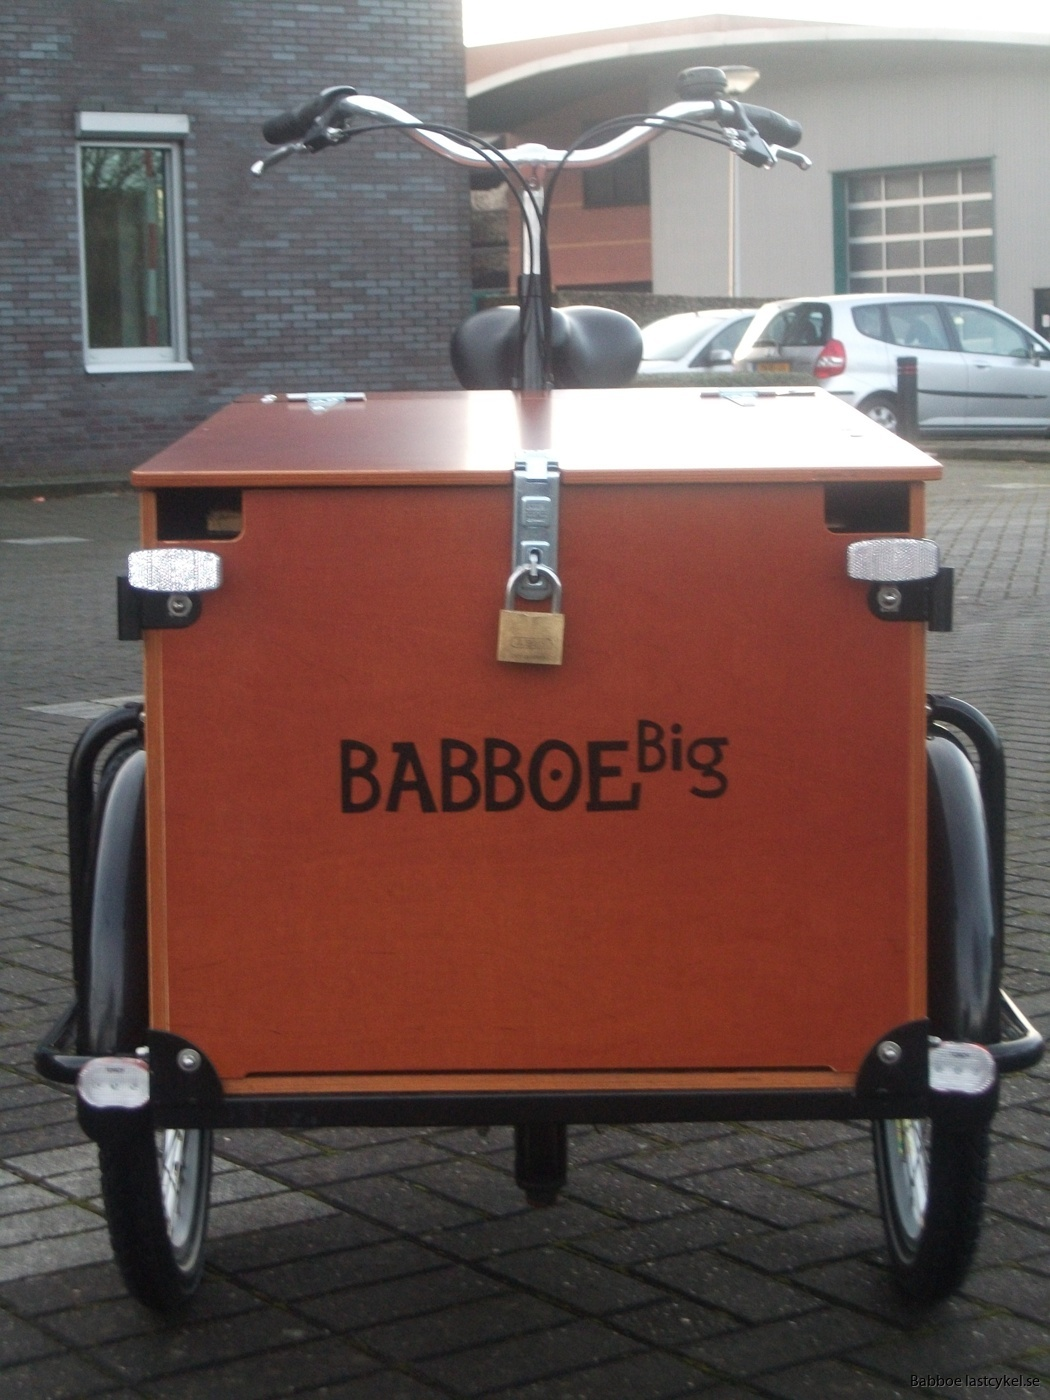 Babboe transporter lastcykel framsida